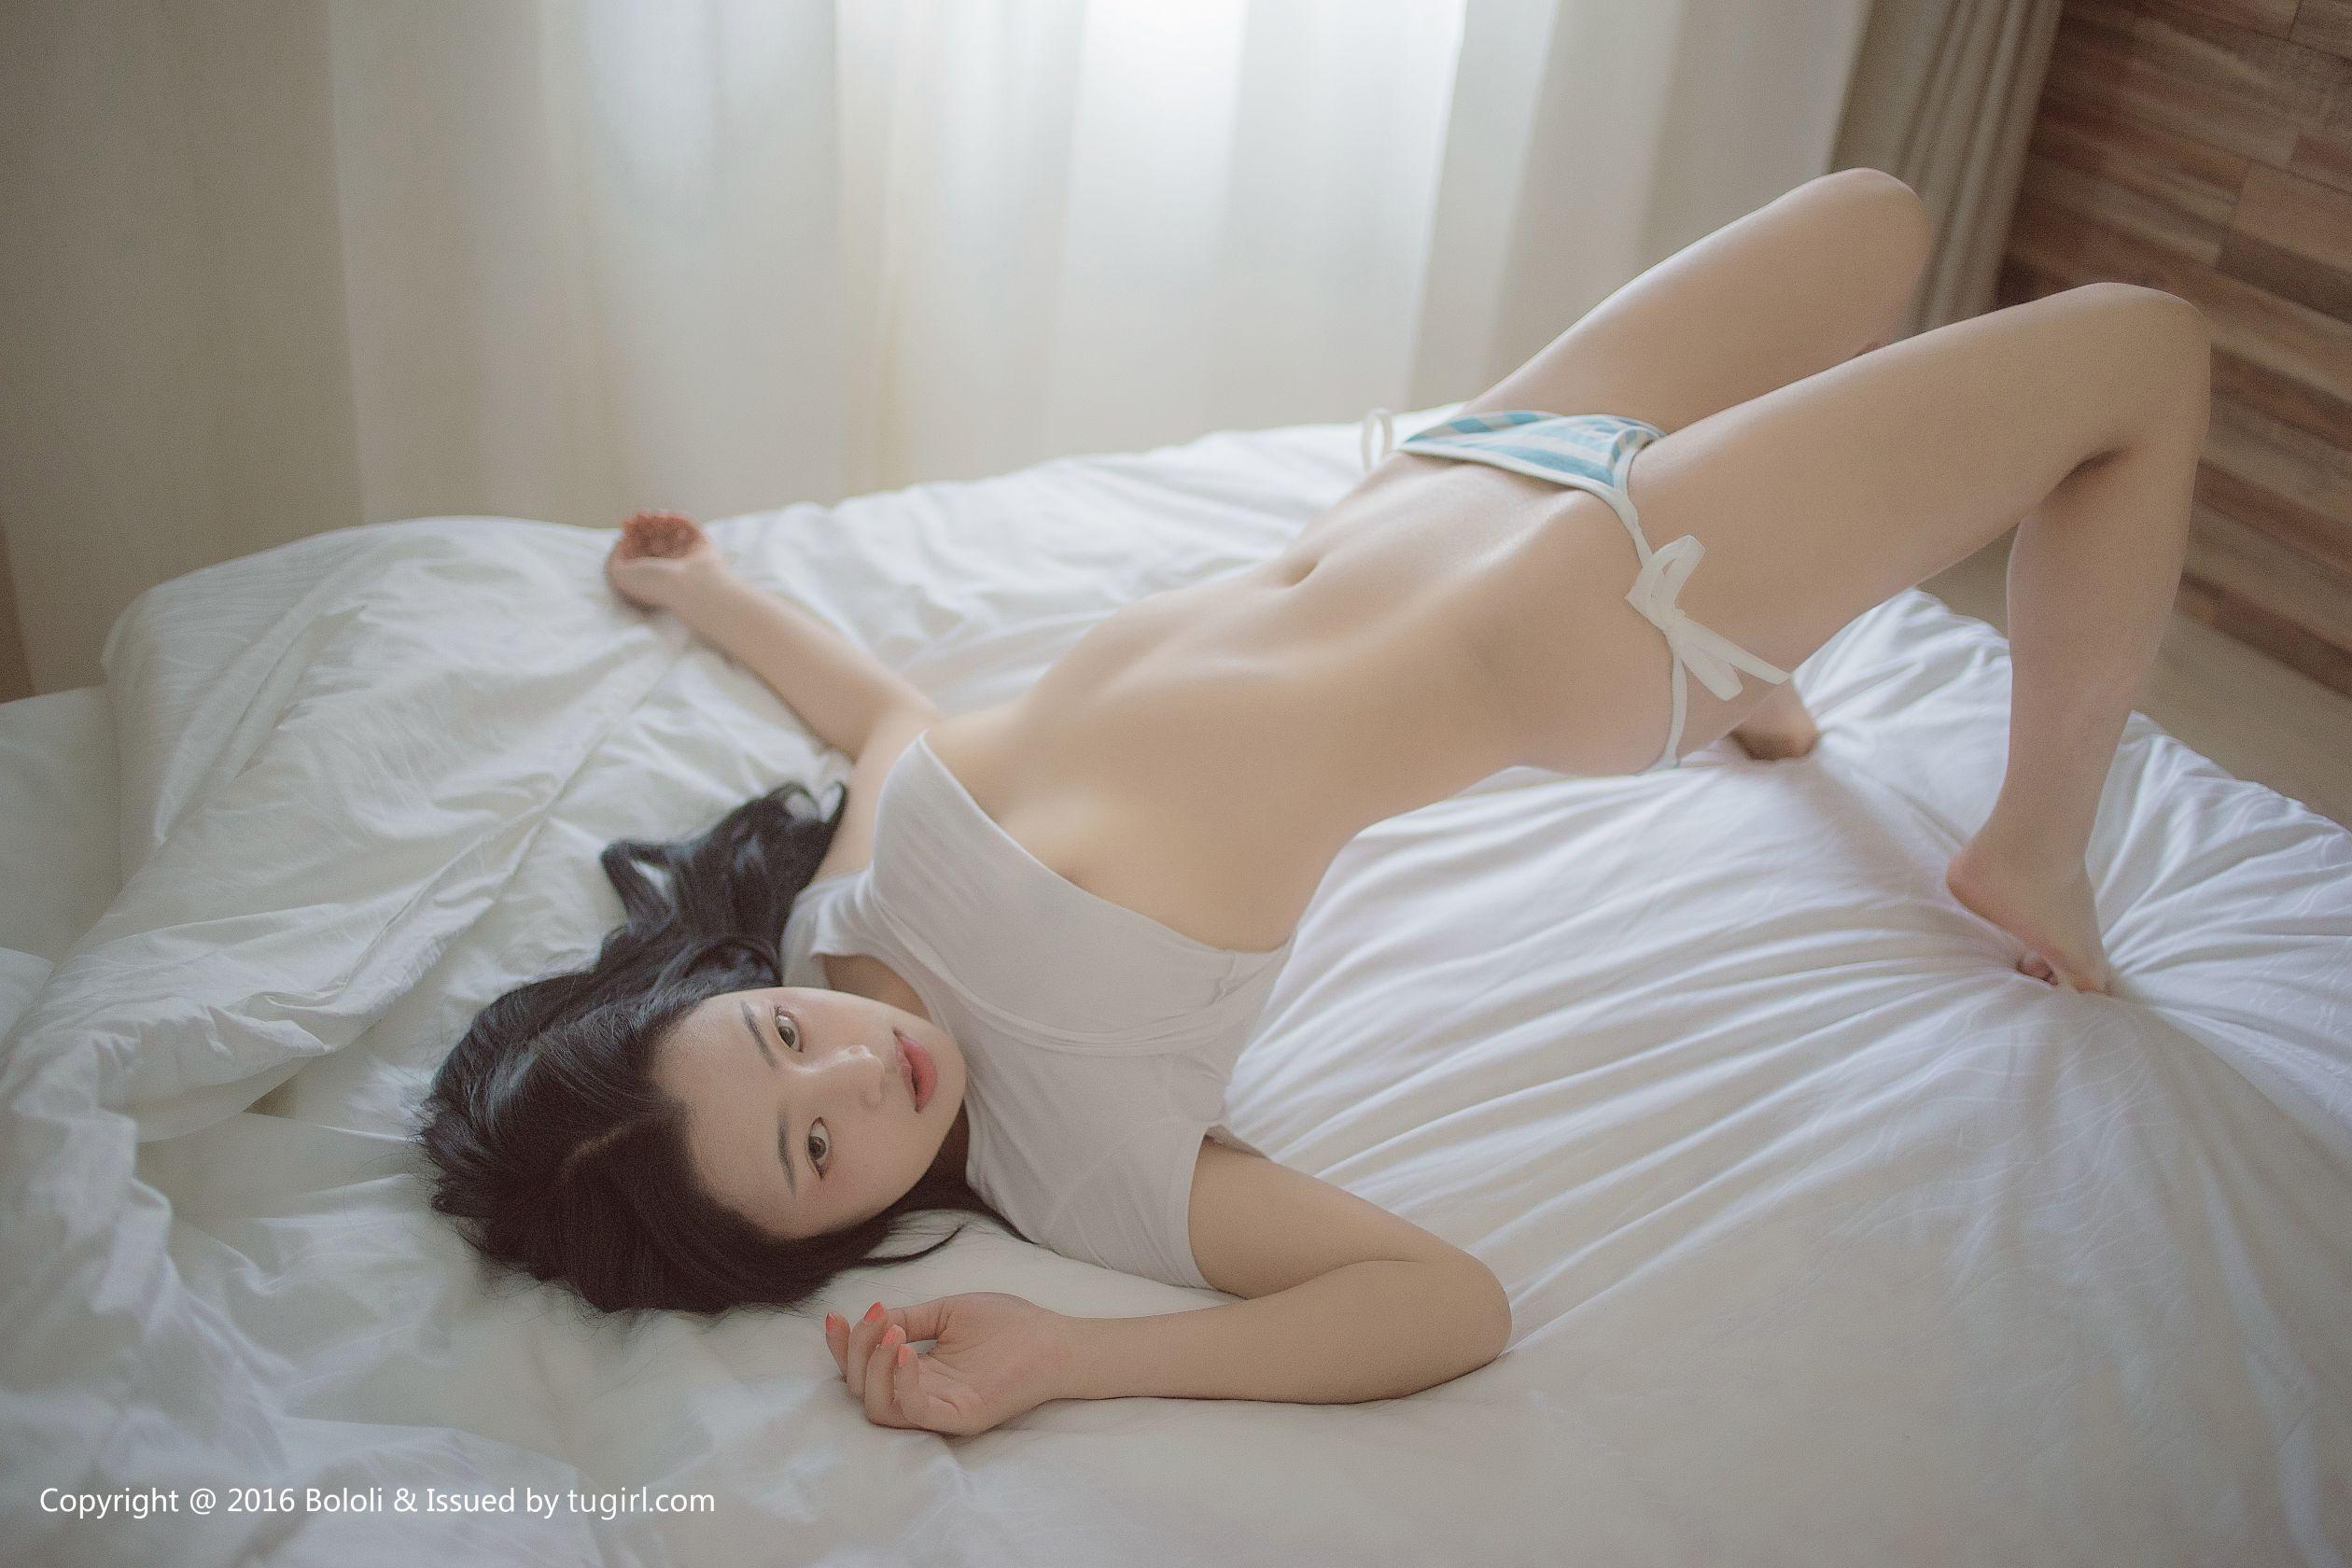 苗萝酱的蓝白诱惑 写真图片